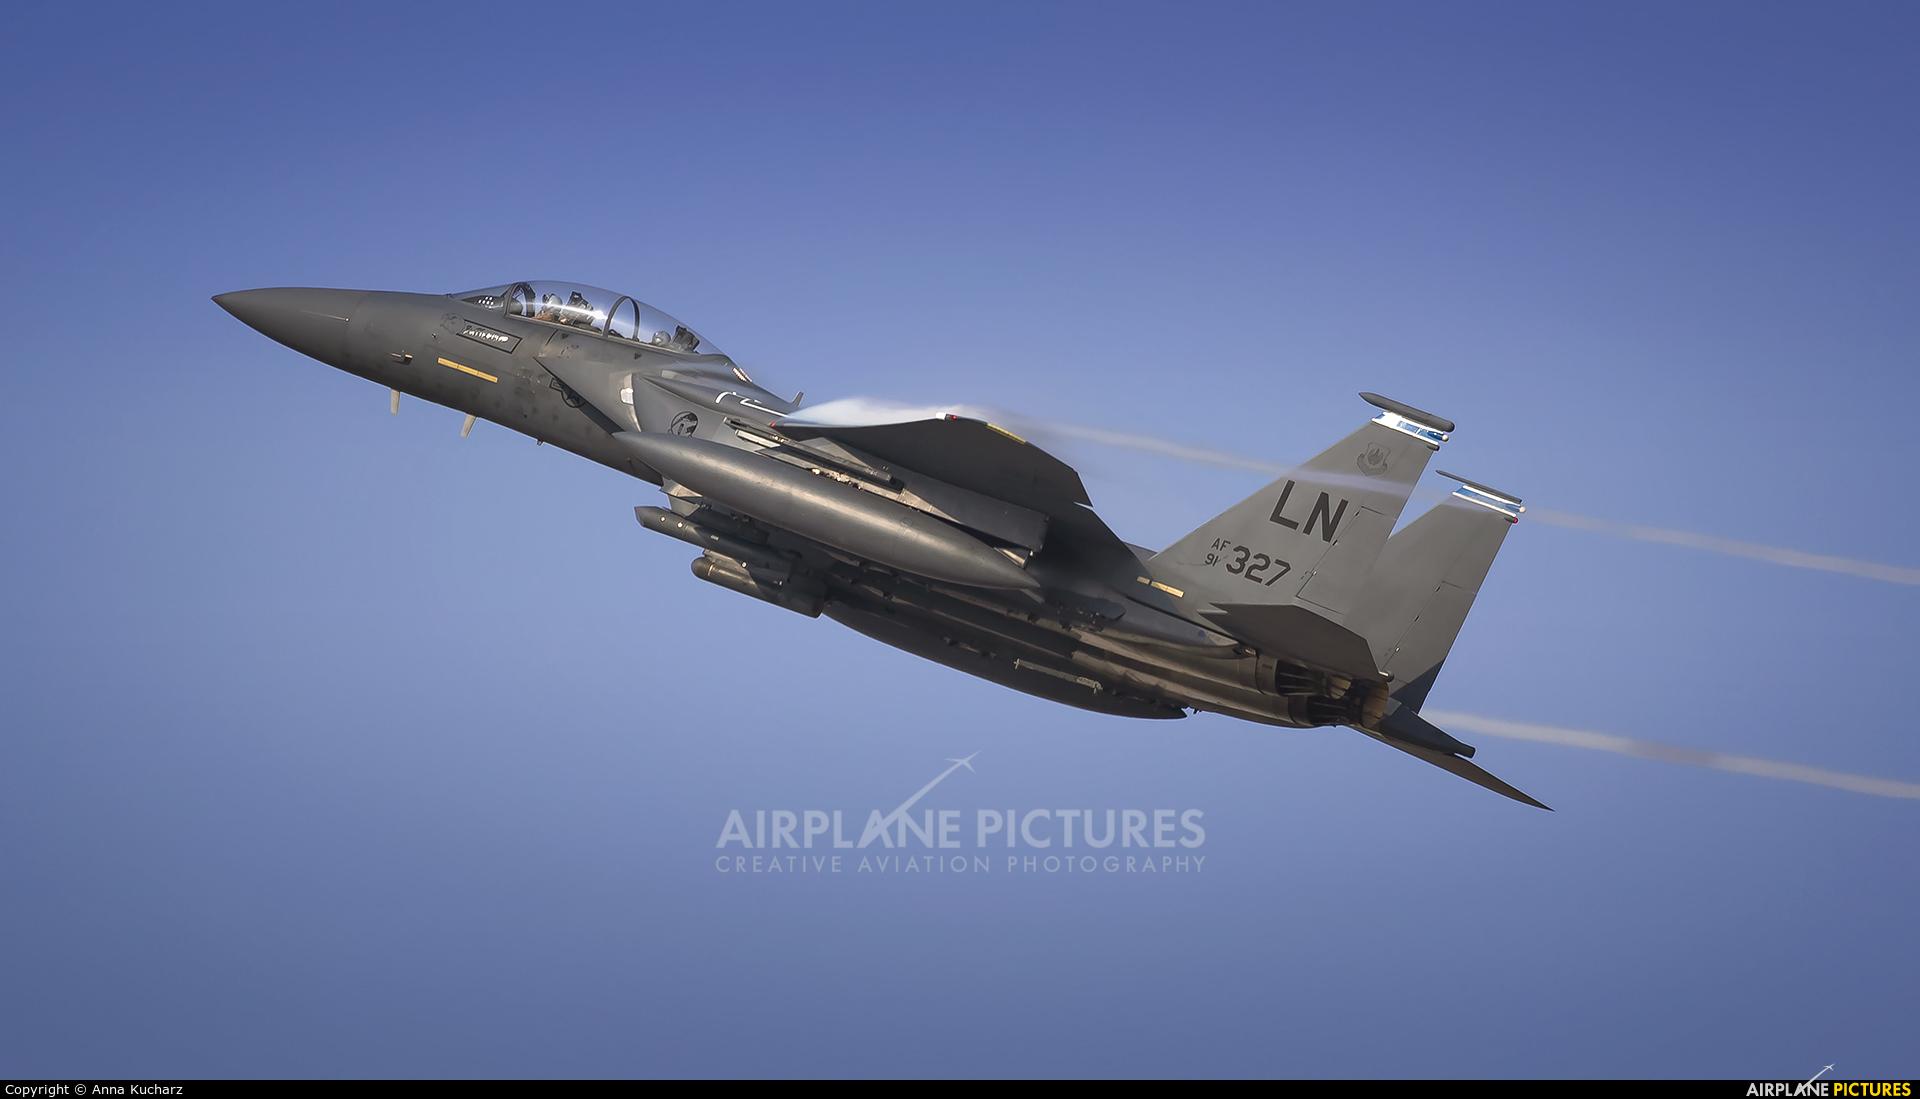 USA - Air Force 91-0327 aircraft at Jebel Ali Al Maktoum Intl